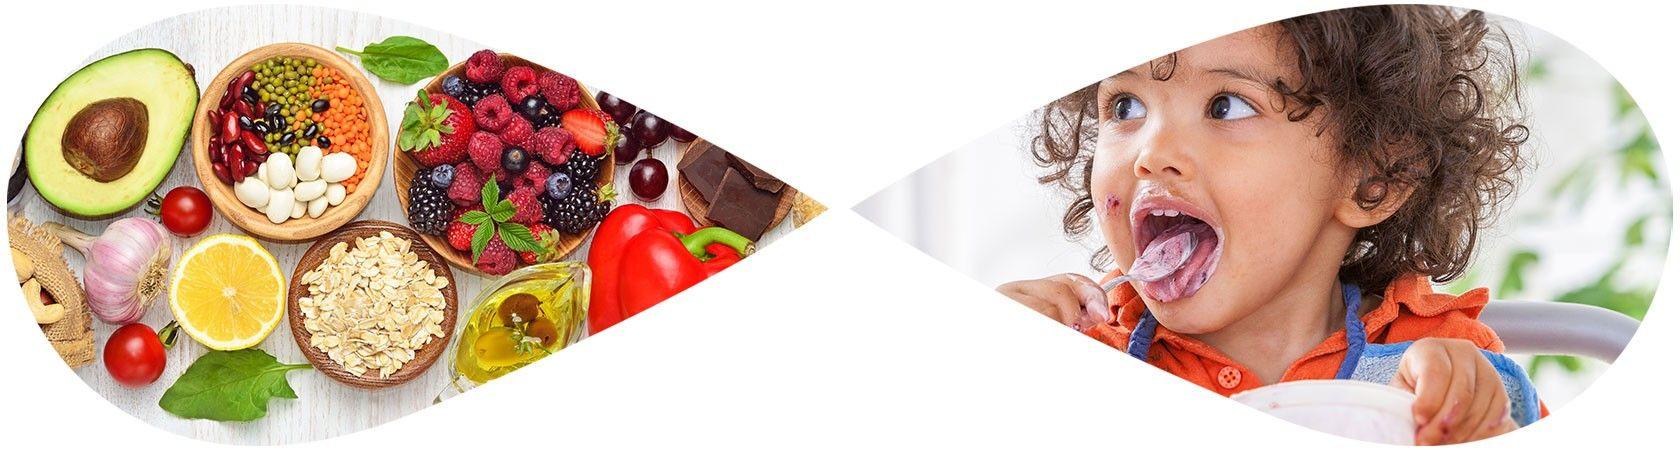 notre mission vous aider à mieux vivre avec l'allergie alimentaire